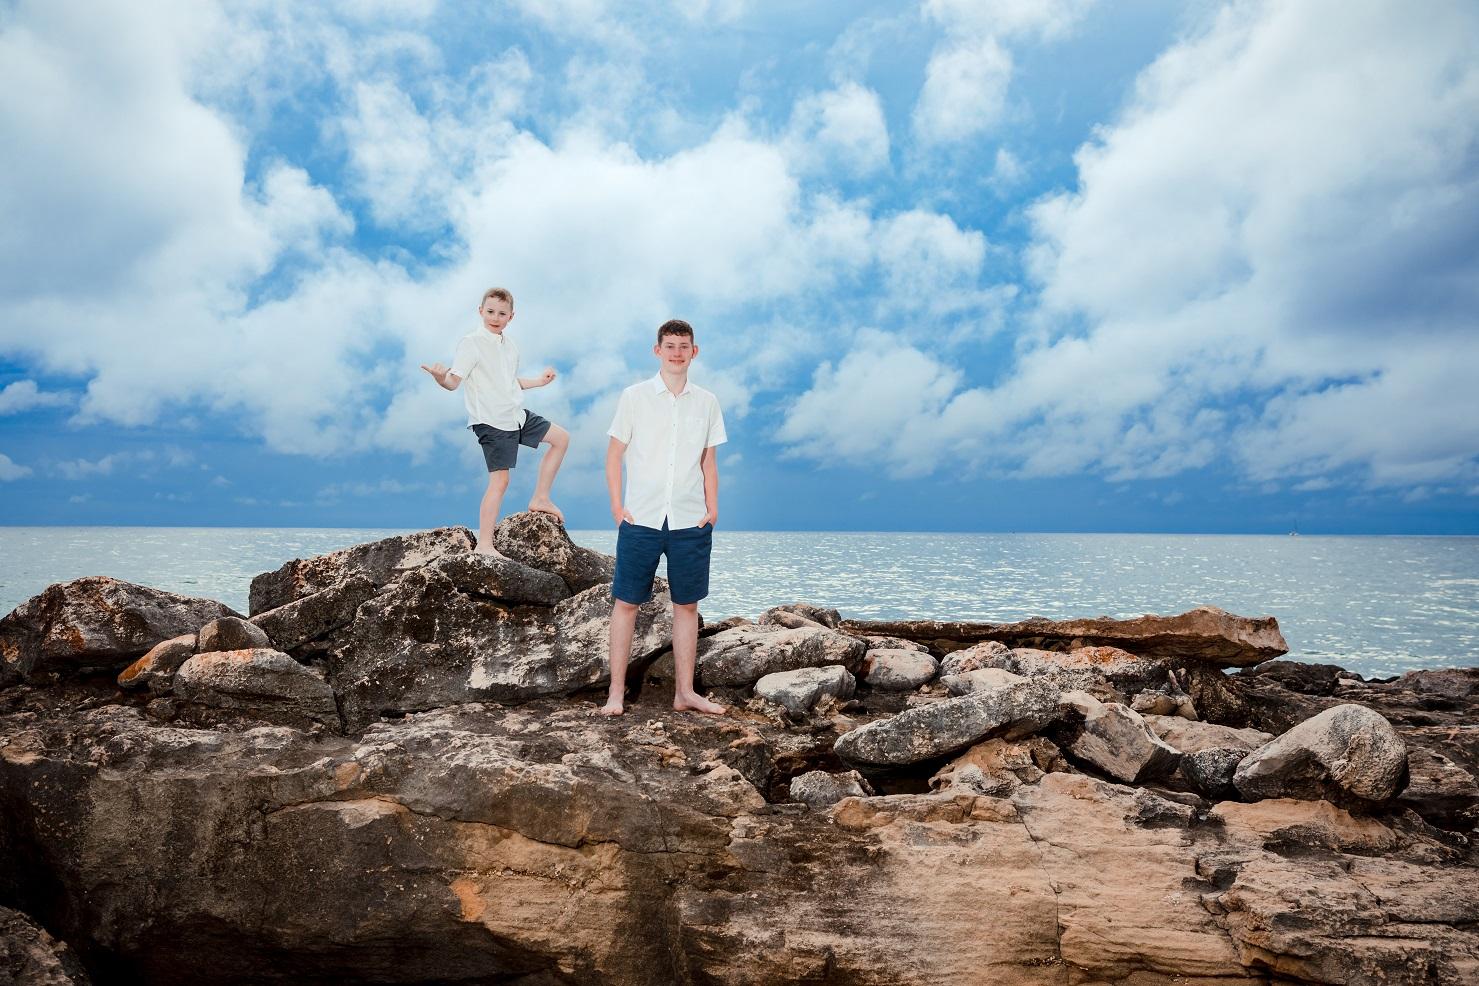 family oahu beach rock beach vacation photos ko olina